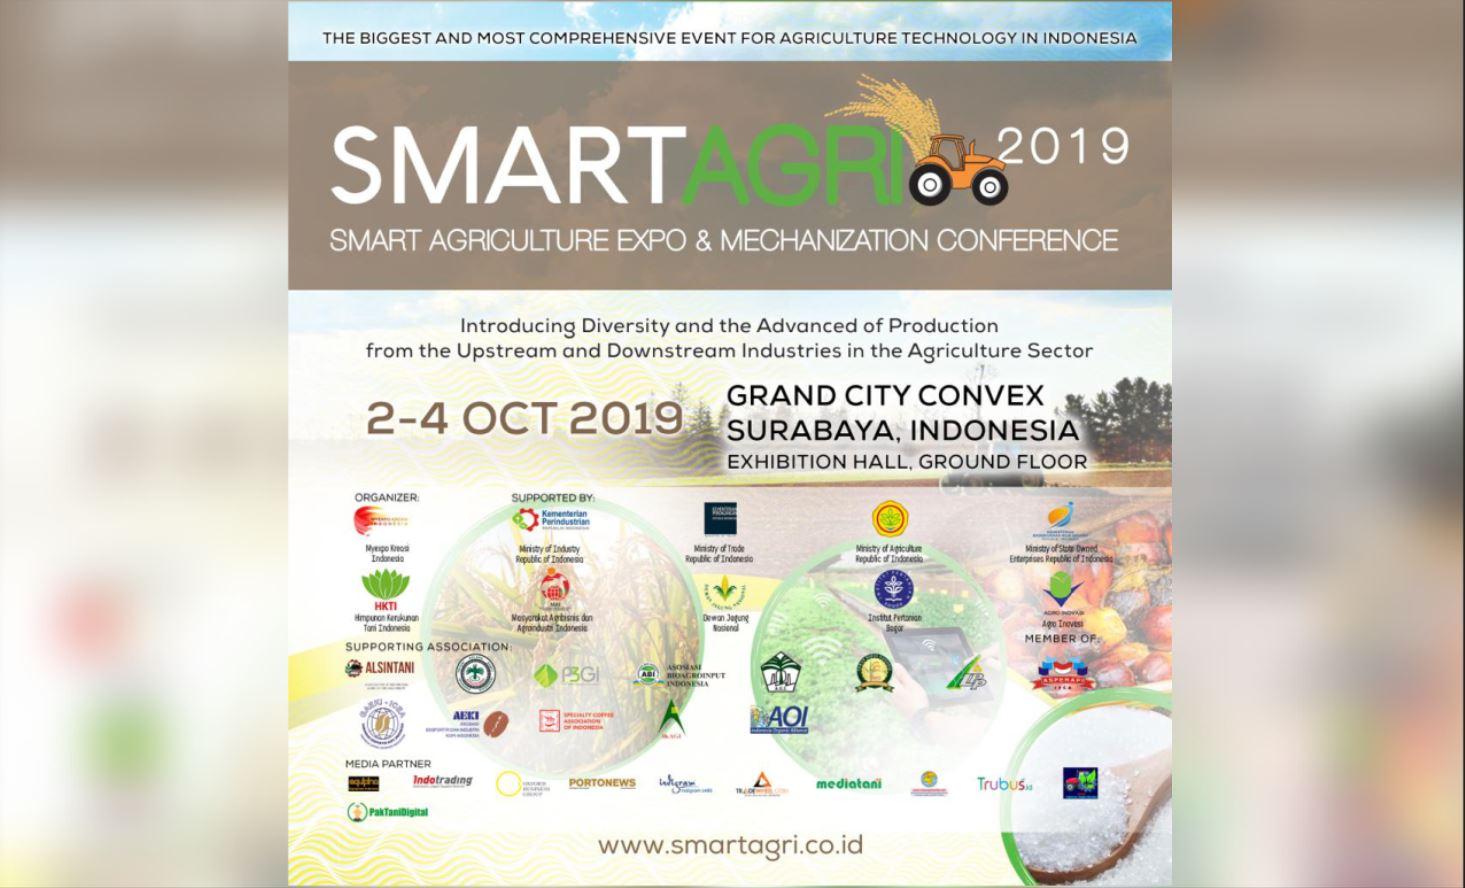 SMART AGRI 2019